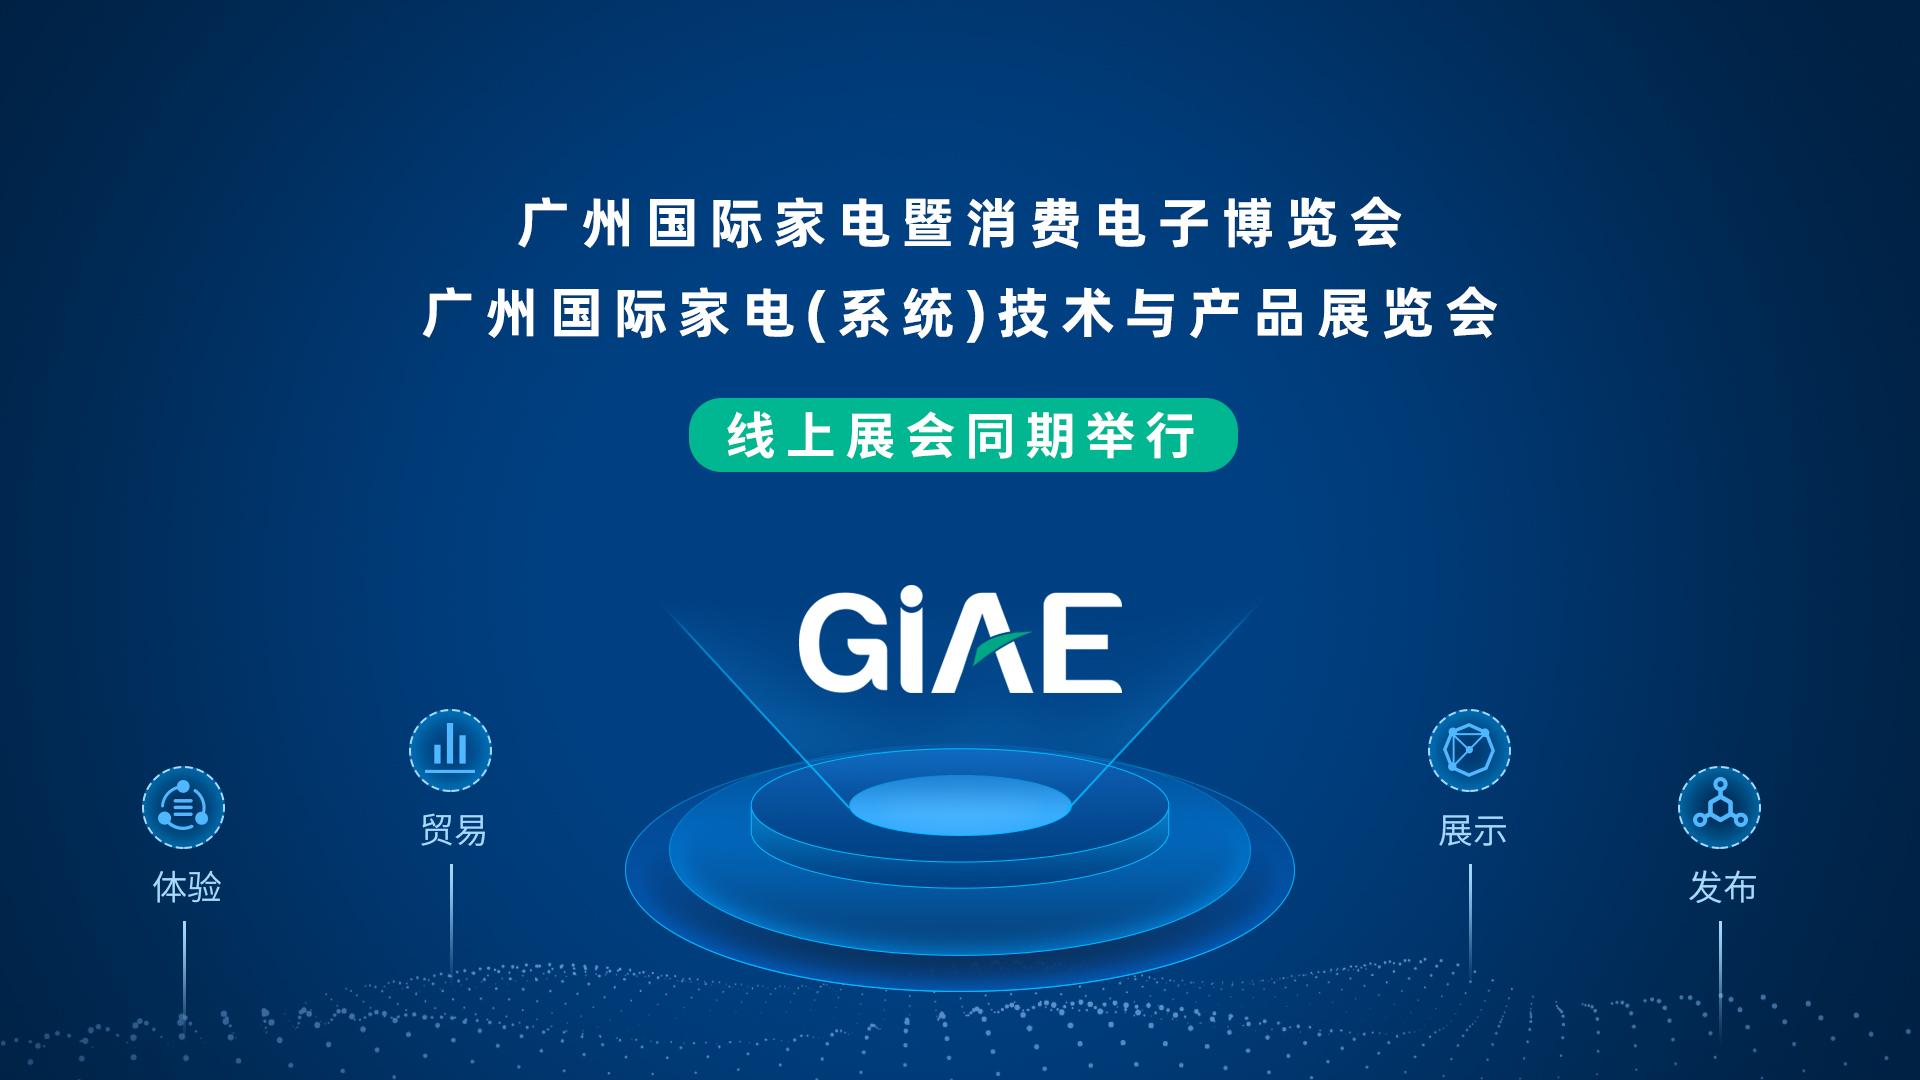 【原定于9.10-12展会延期】GIAE2021广州国际家电暨消费电子博览会